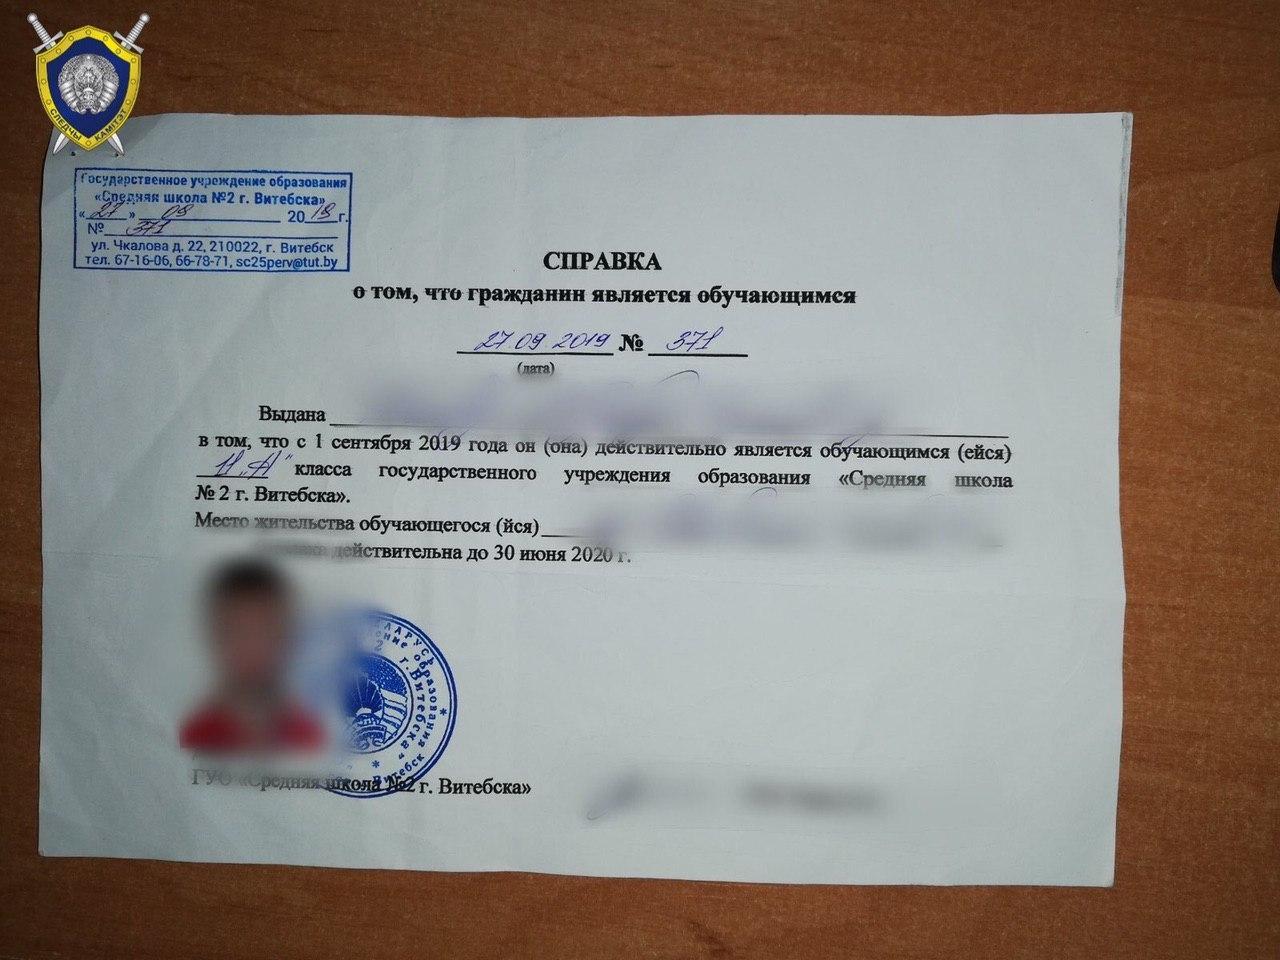 В Витебске против лицеиста возбуждено уголовное дело за подделку справки